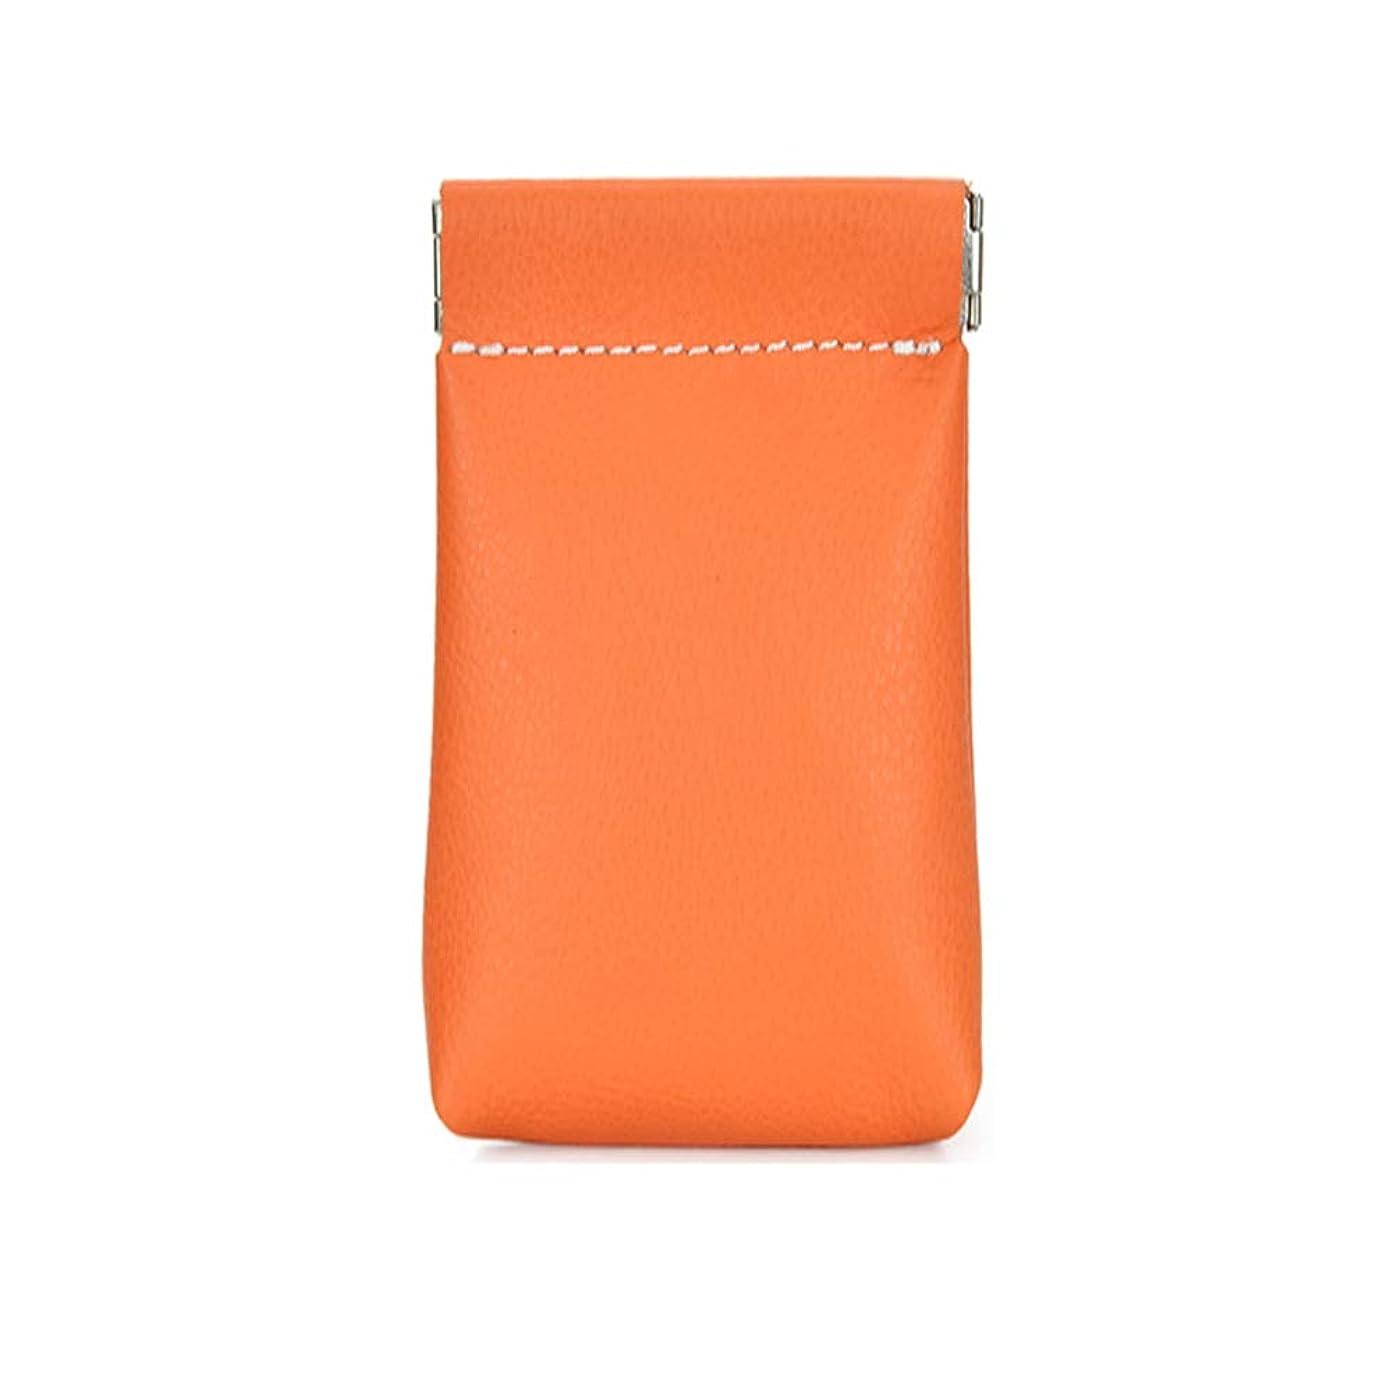 ダイヤル反動あたたかいコインケース、本革製スクイズコインケースコインウォレットアメリカ製メンズ/レディースコインケース11 * 10 * 3cm / 4.3 * 3.9 * 1.2in、カラー:オレンジ